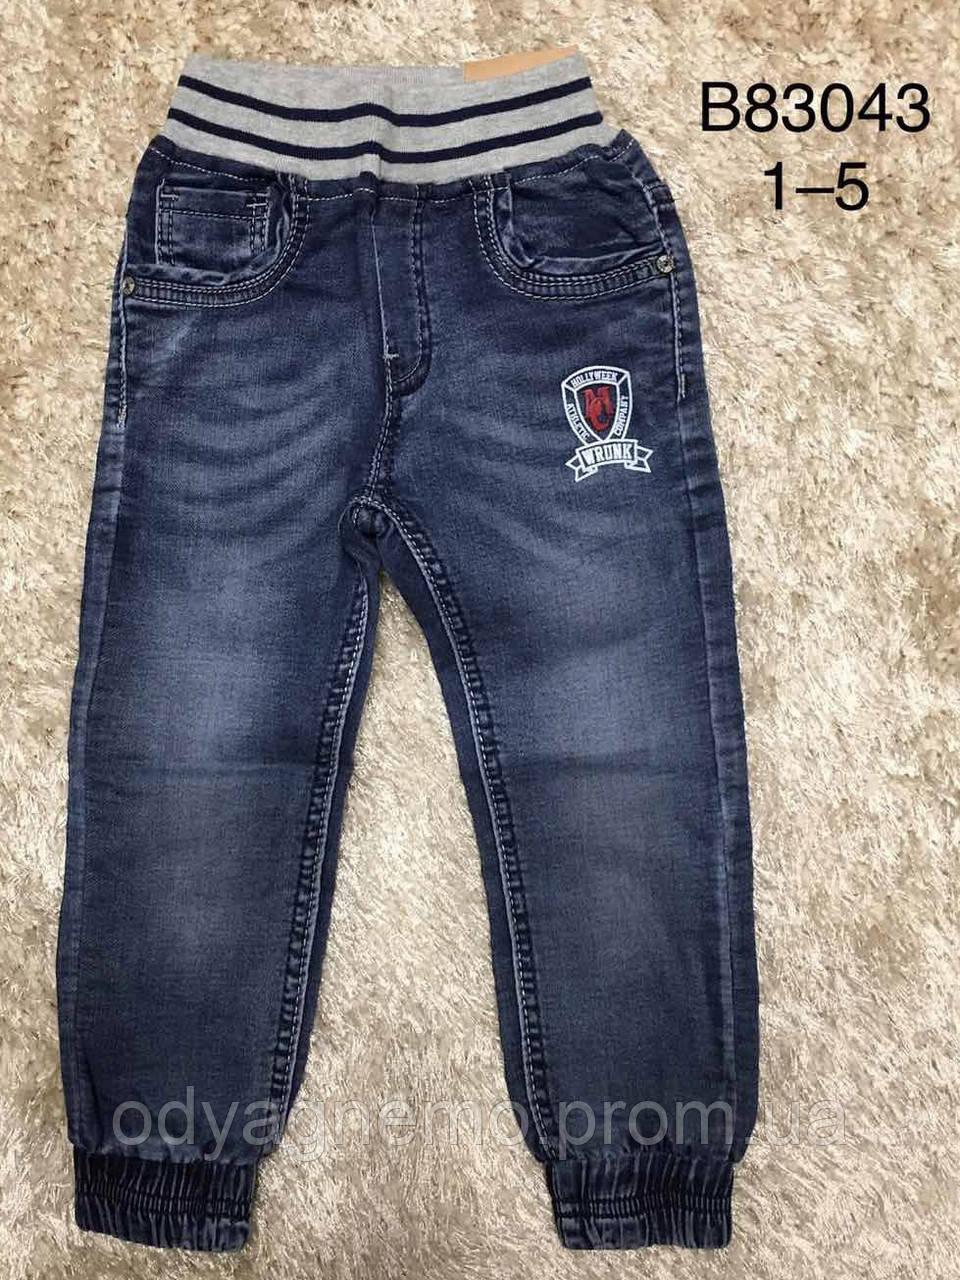 Джинсовые брюки для мальчиков Grace, 1-5 лет. Артикул: B83043